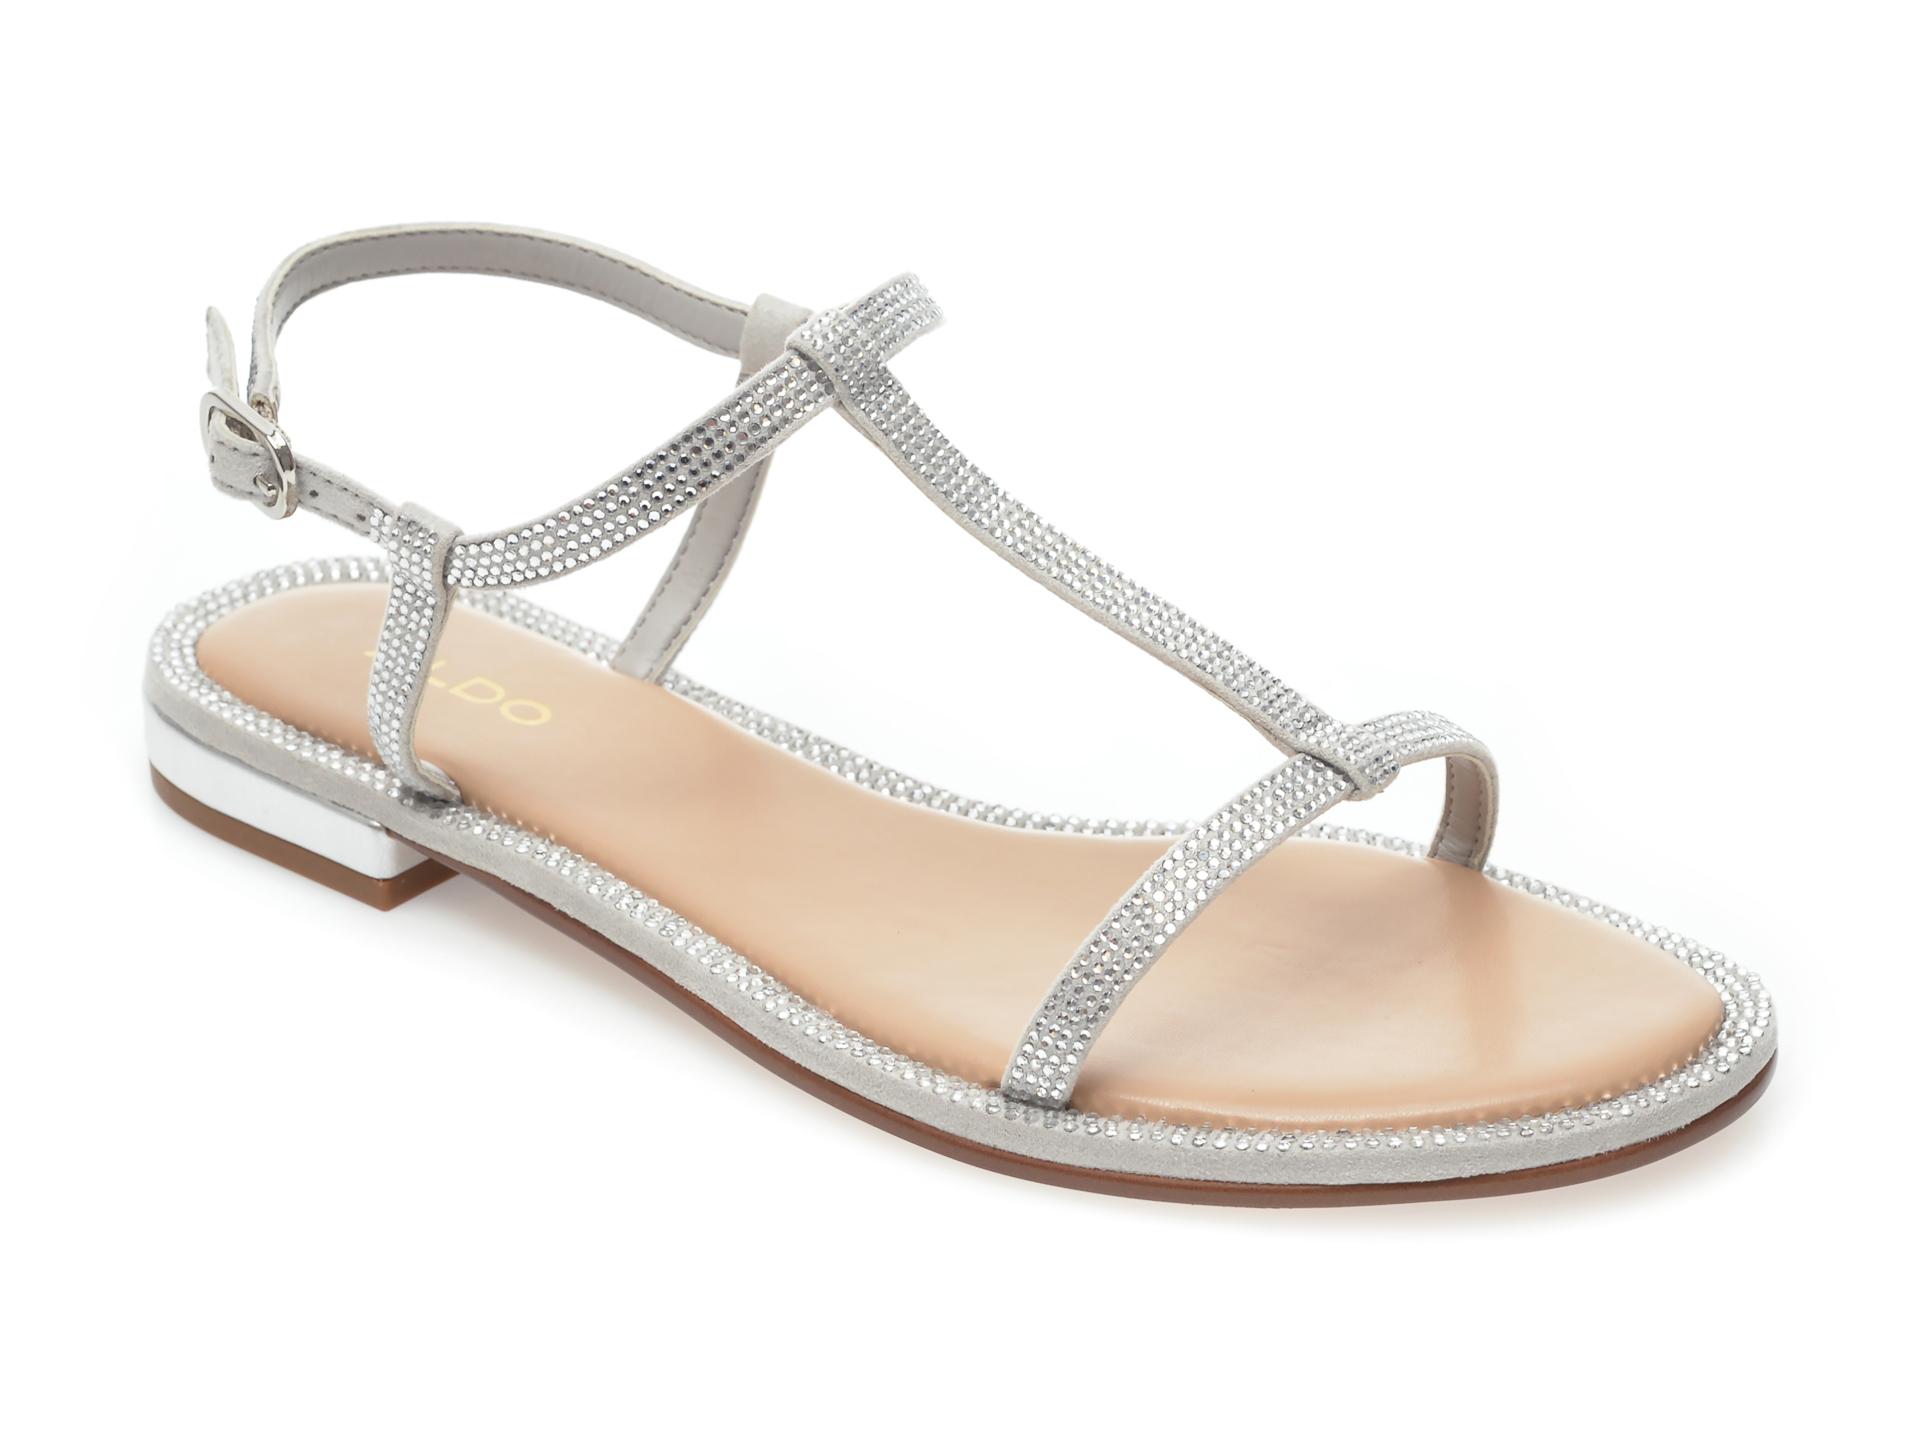 Sandale ALDO argintii, Yboimma040, din piele ecologica imagine otter.ro 2021